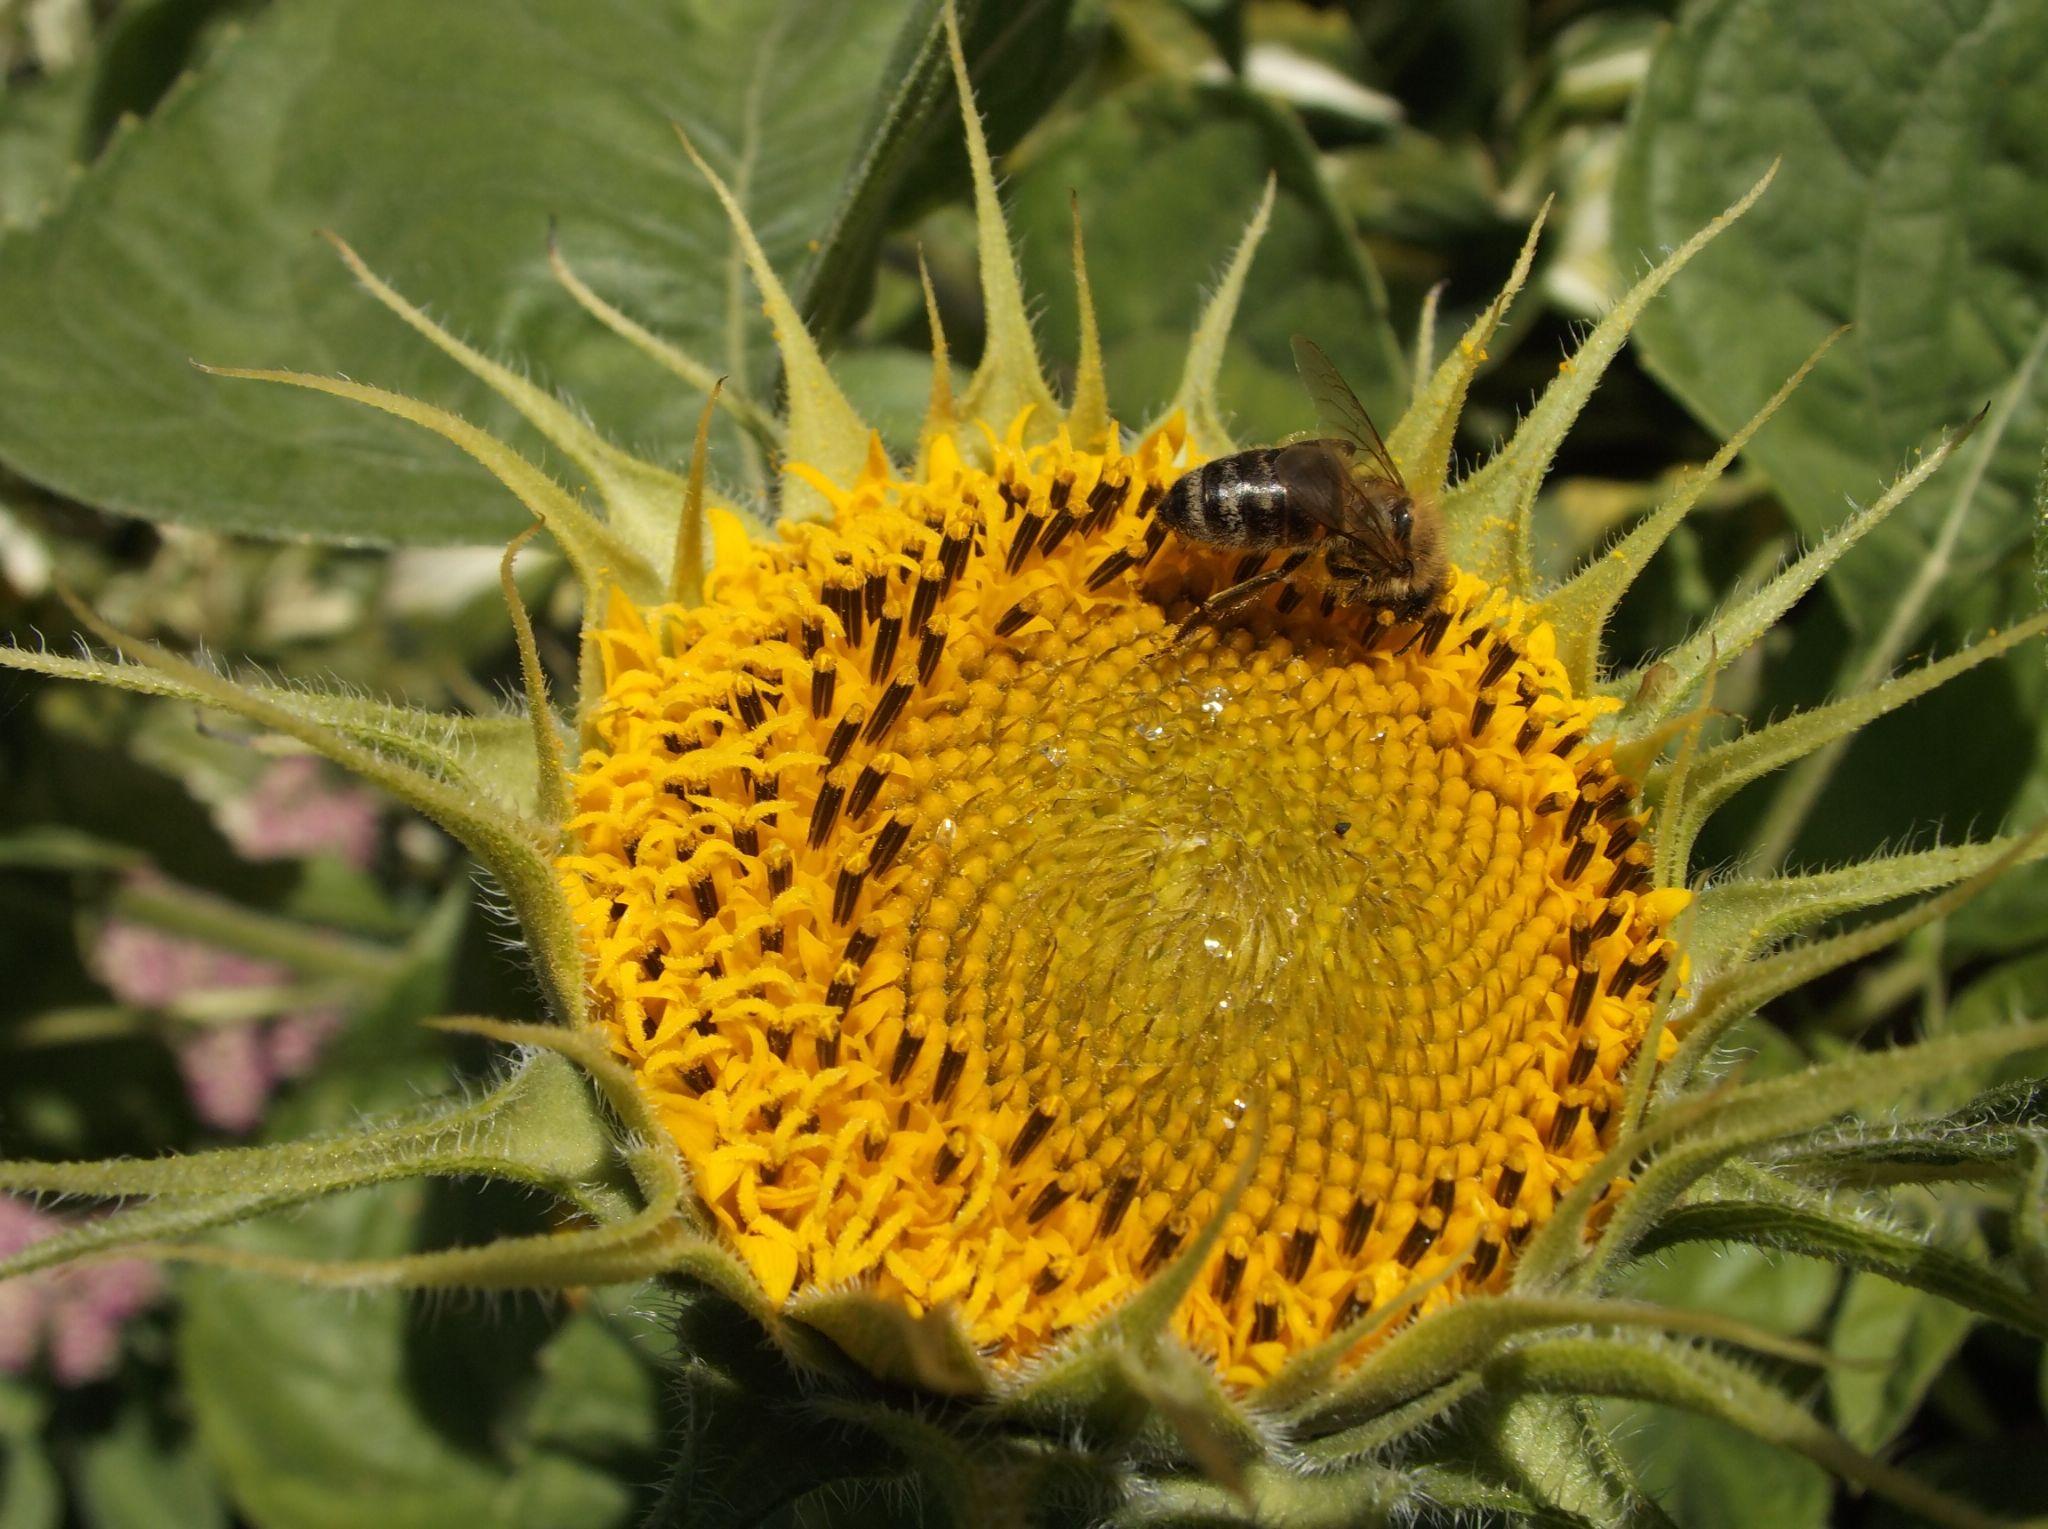 Bee and sunflover by Zita Užkuraitienė